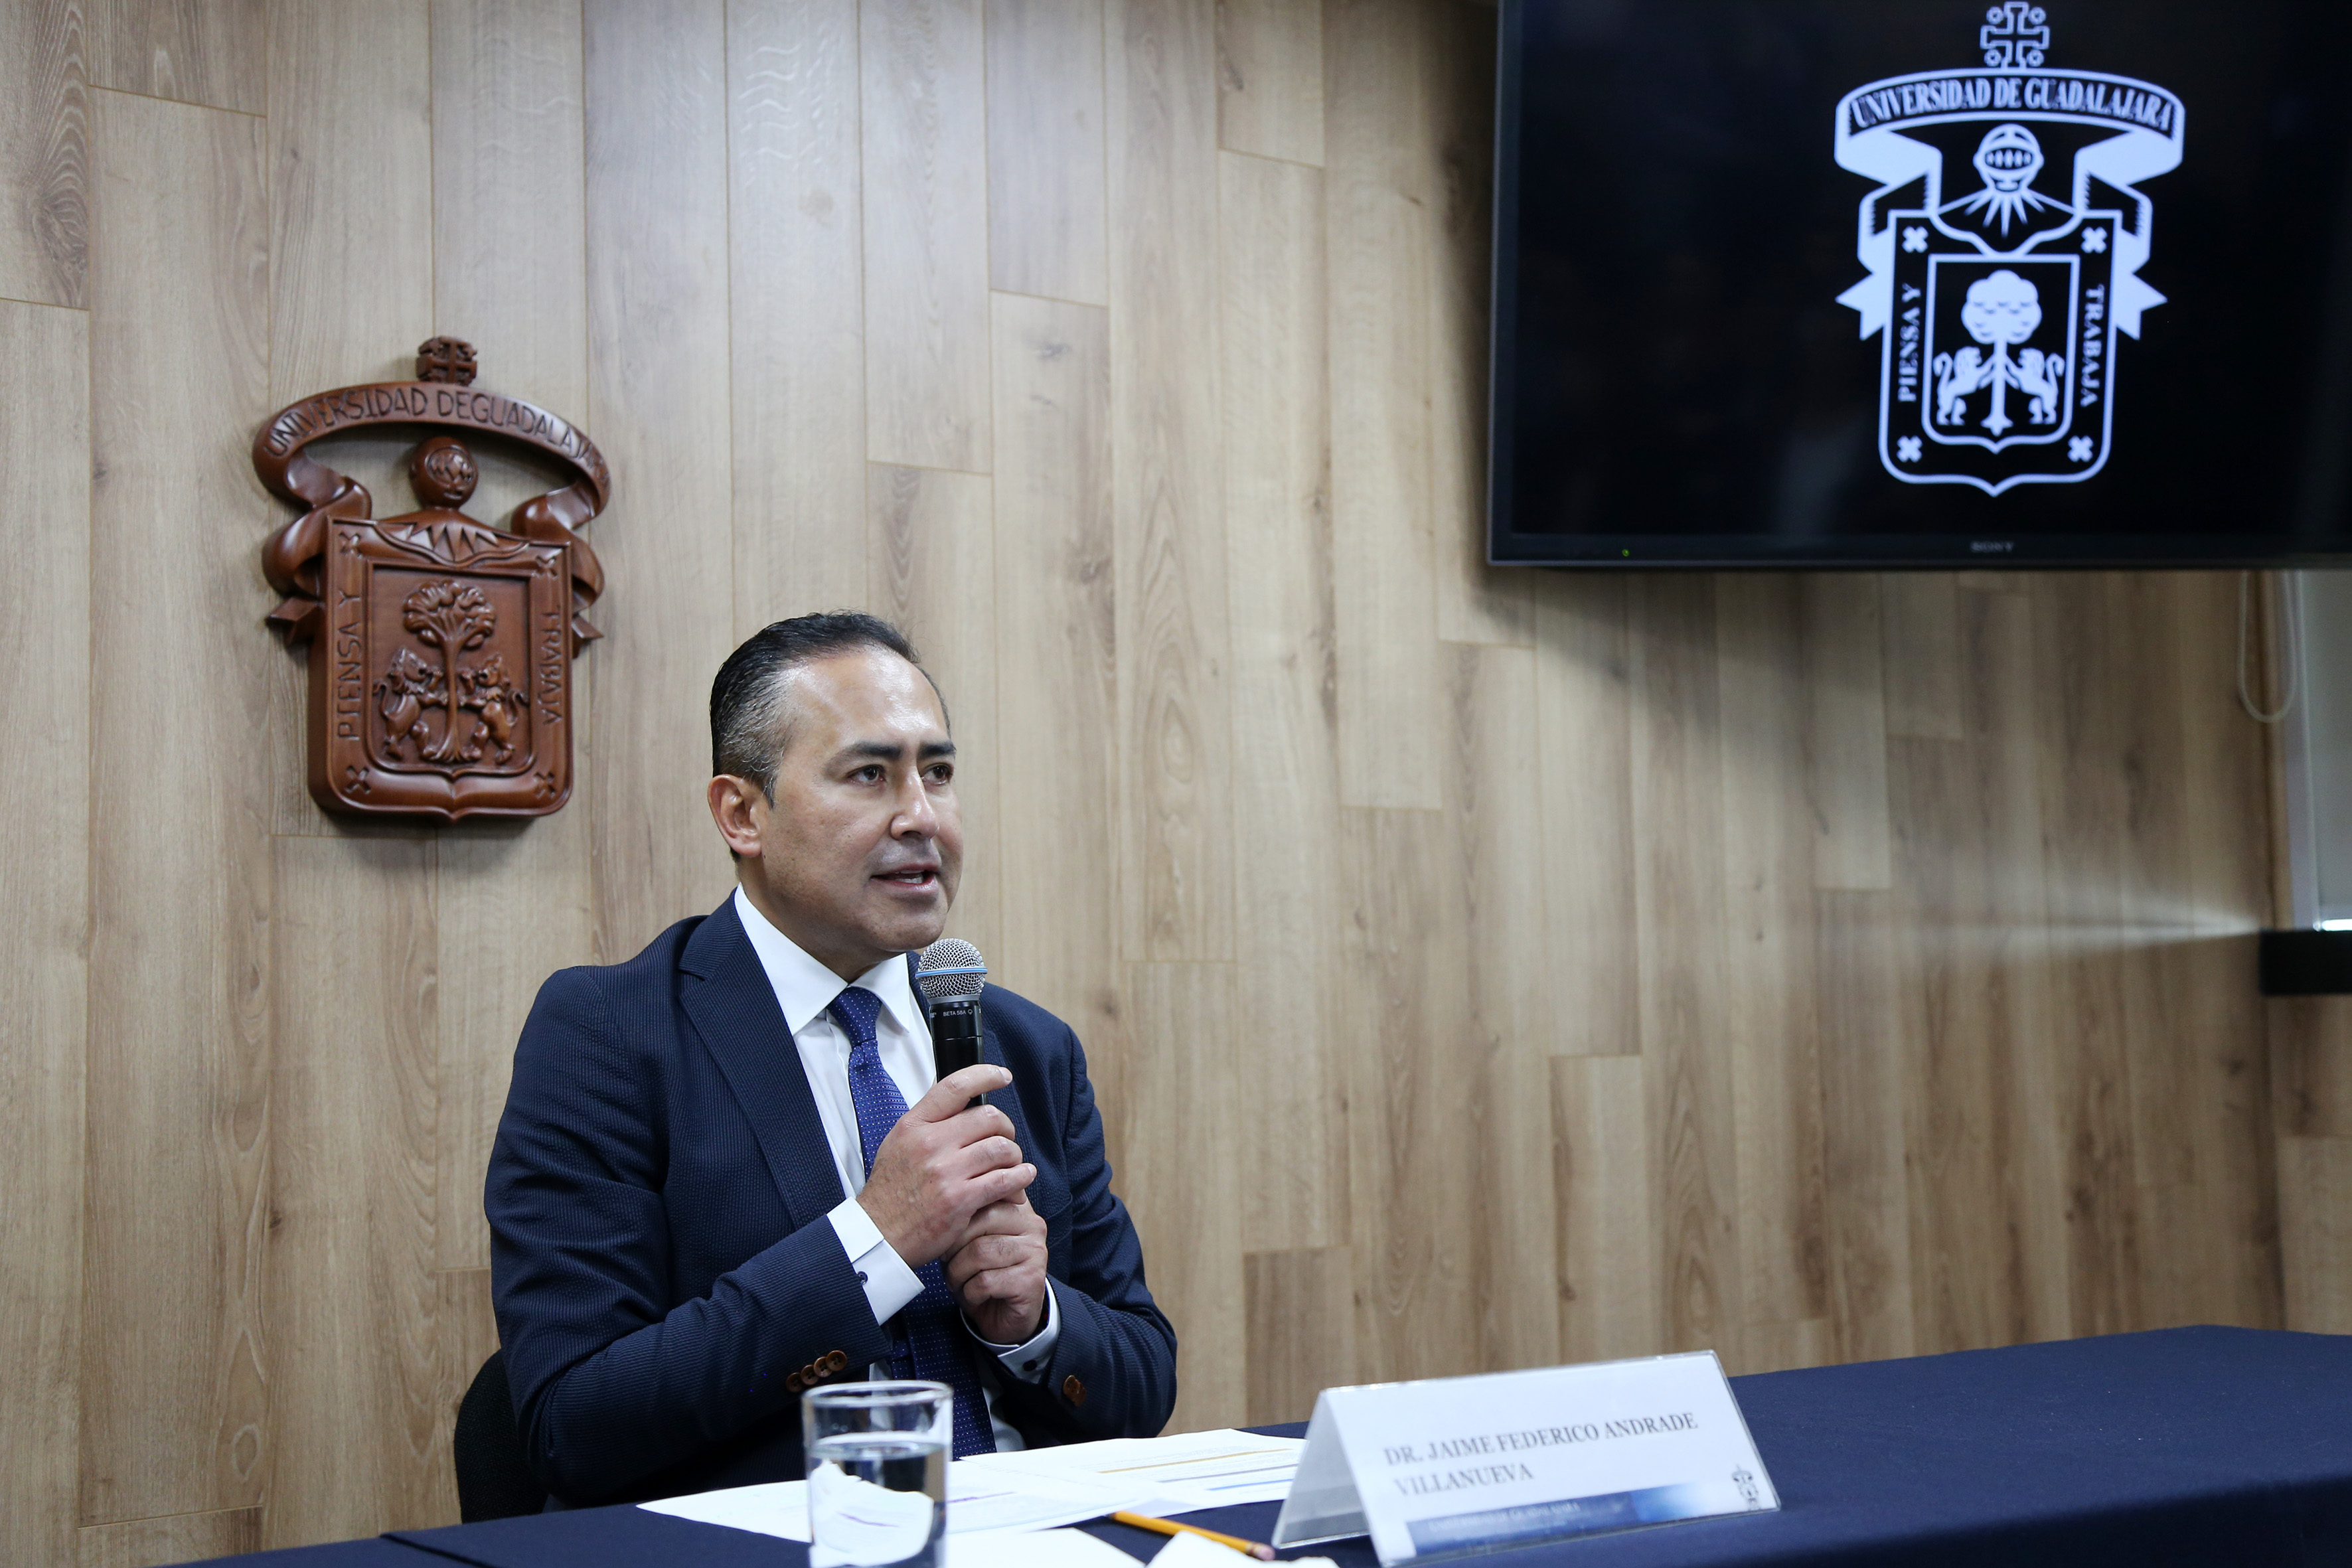 Rector del CUCS al micrófono en Conferencia de Prensa tras su registro